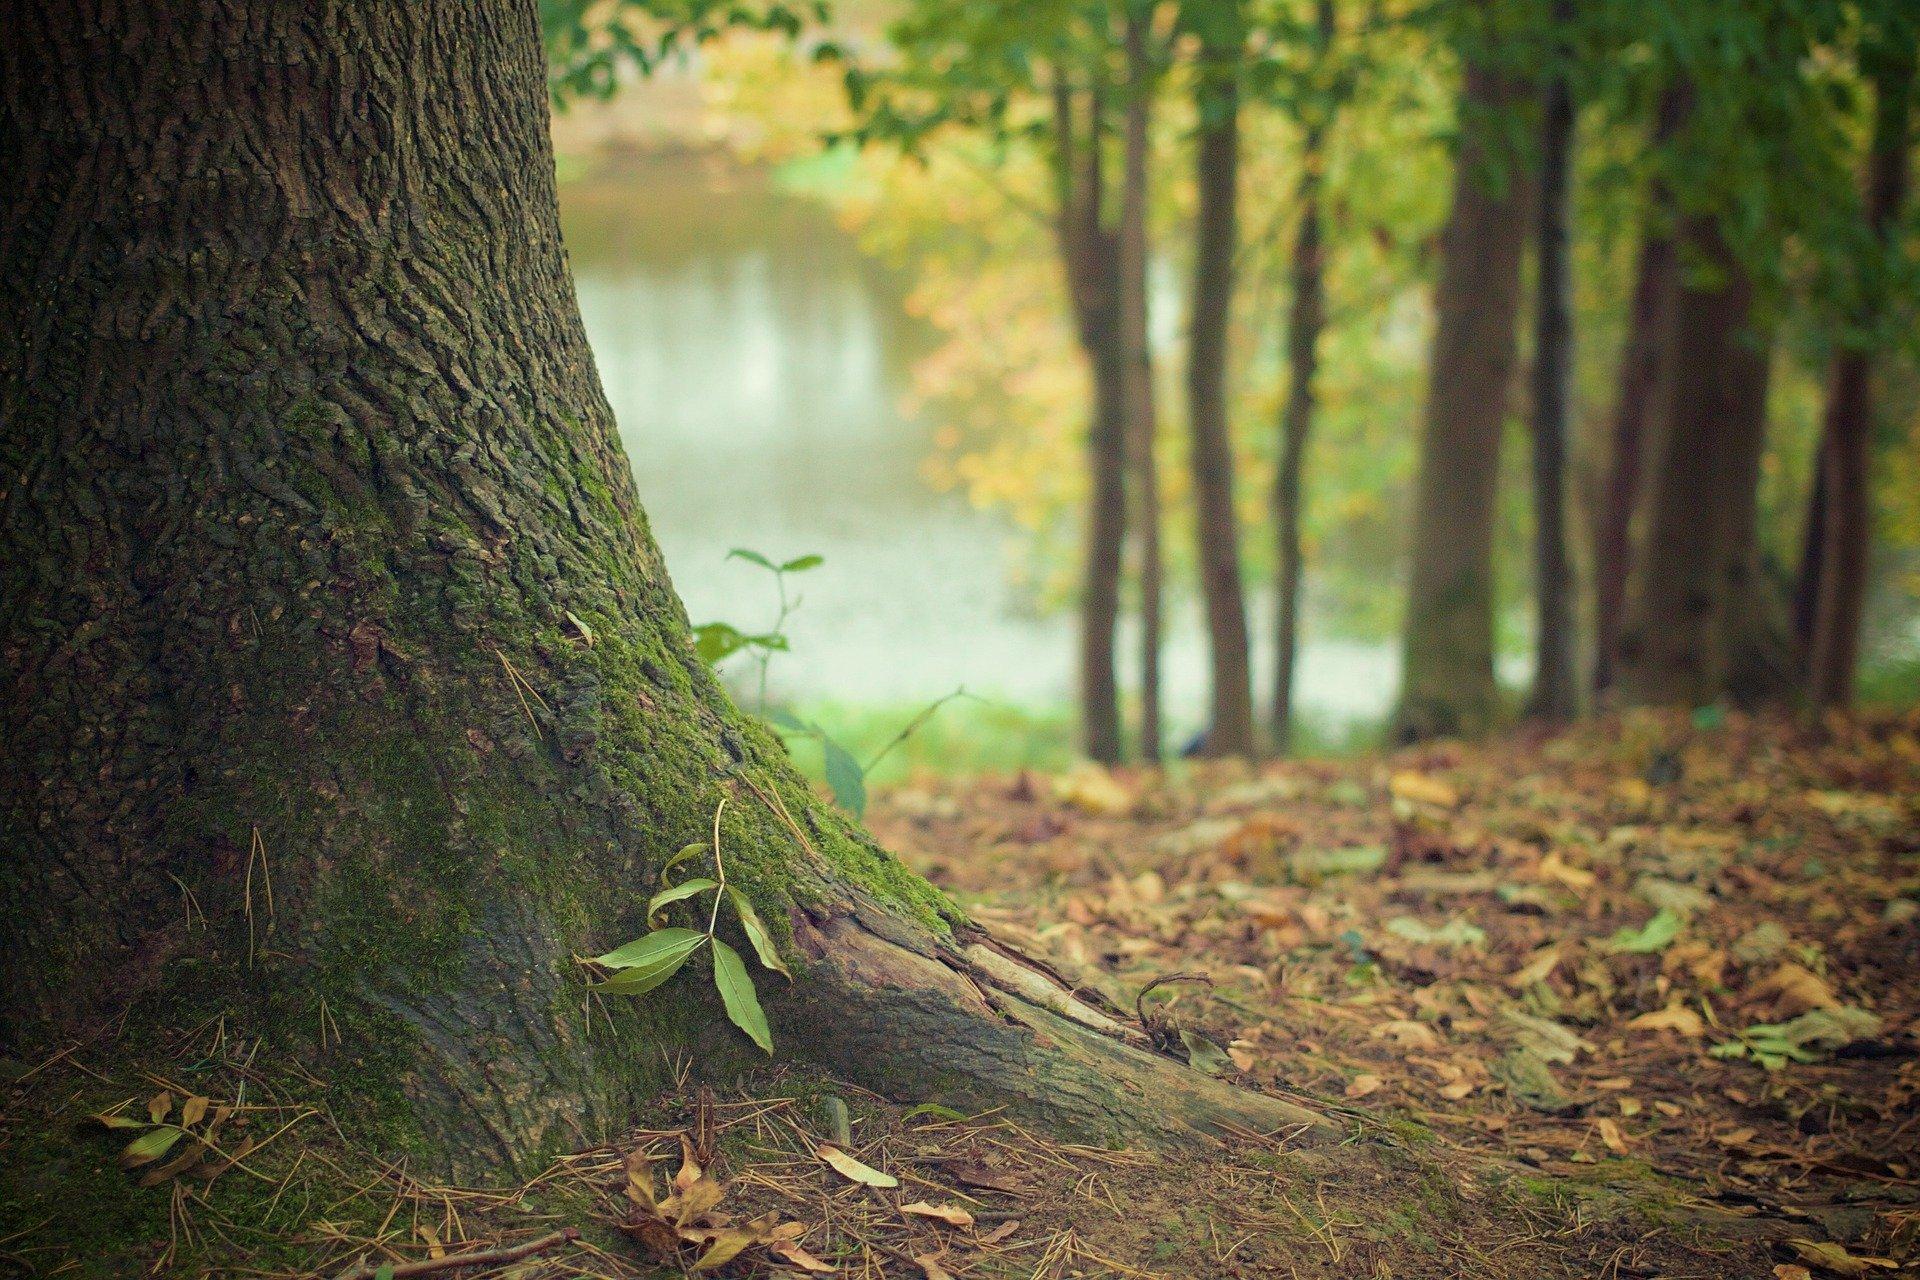 ЗС приняло постановление о создании зеленого пояса вокруг Братска